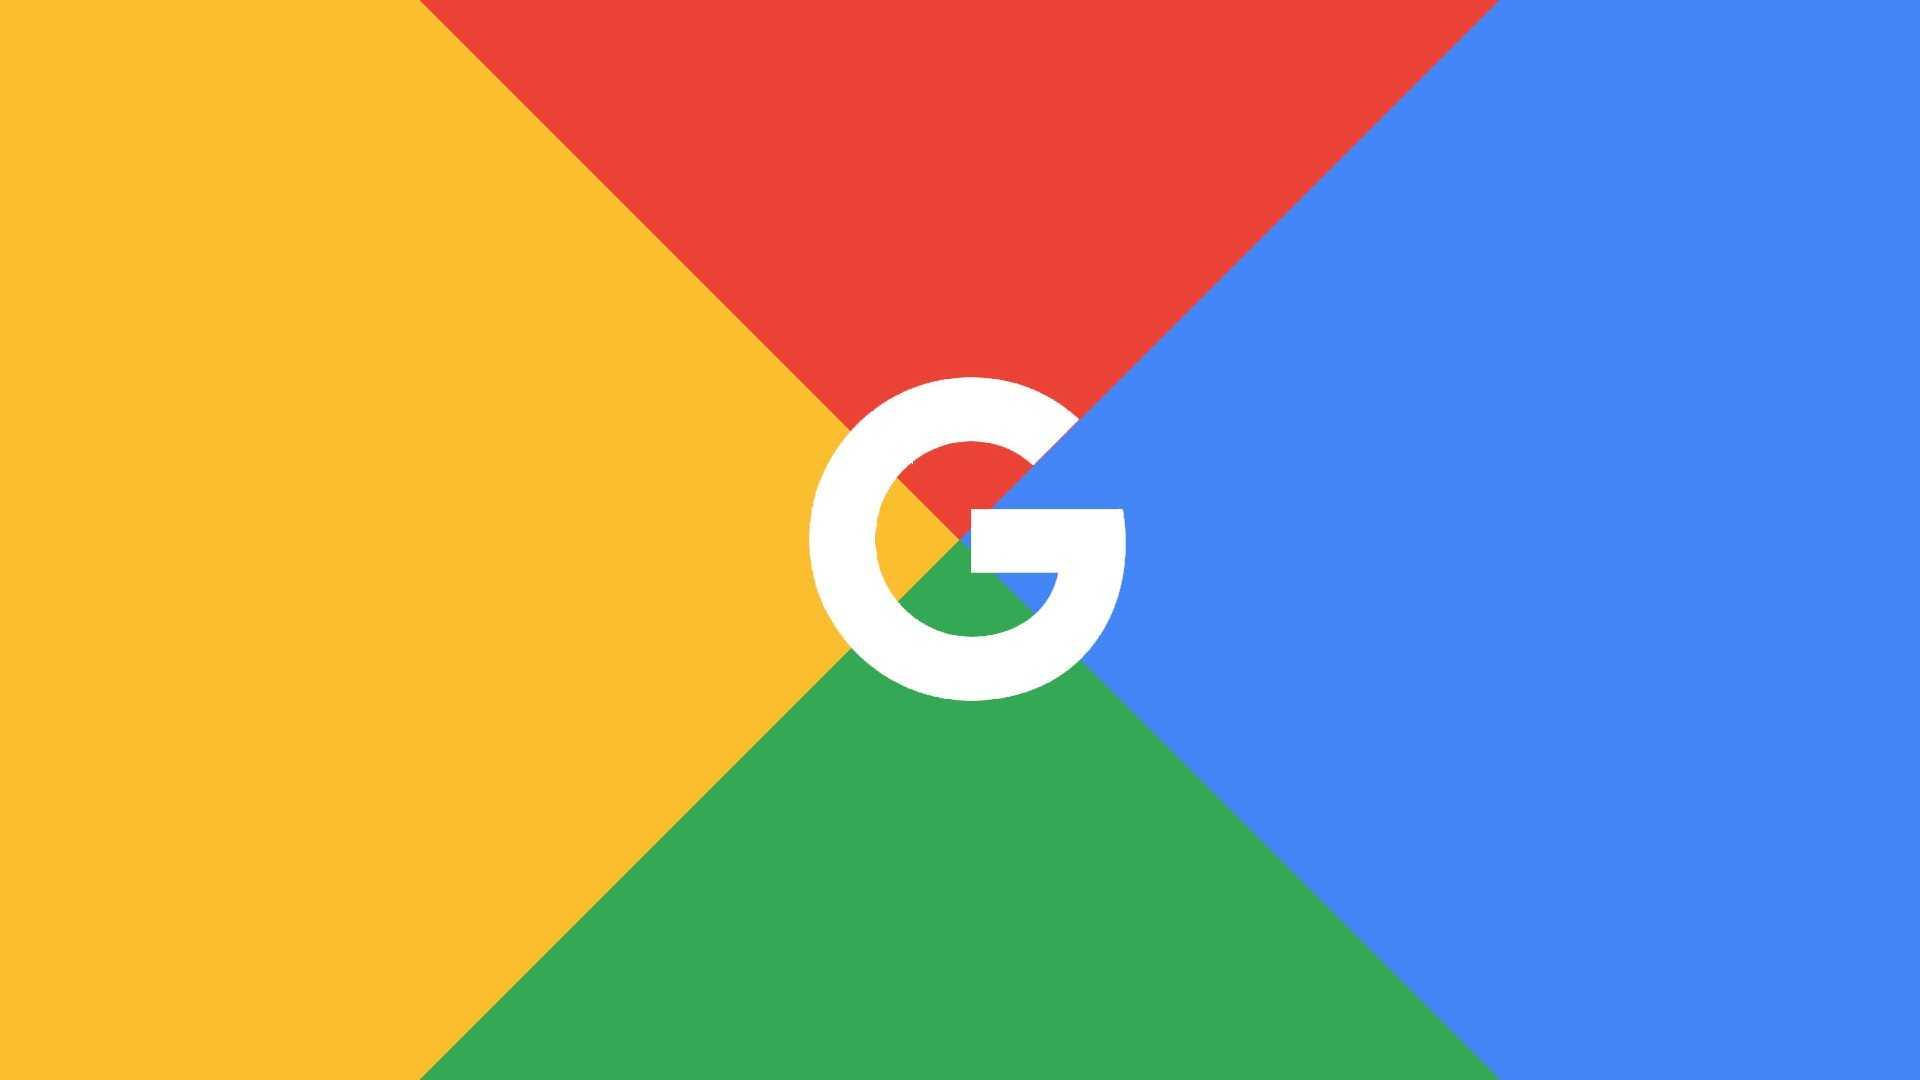 Google accuse Microsoft d'avoir tenté de corrompre la liberté d'Internet